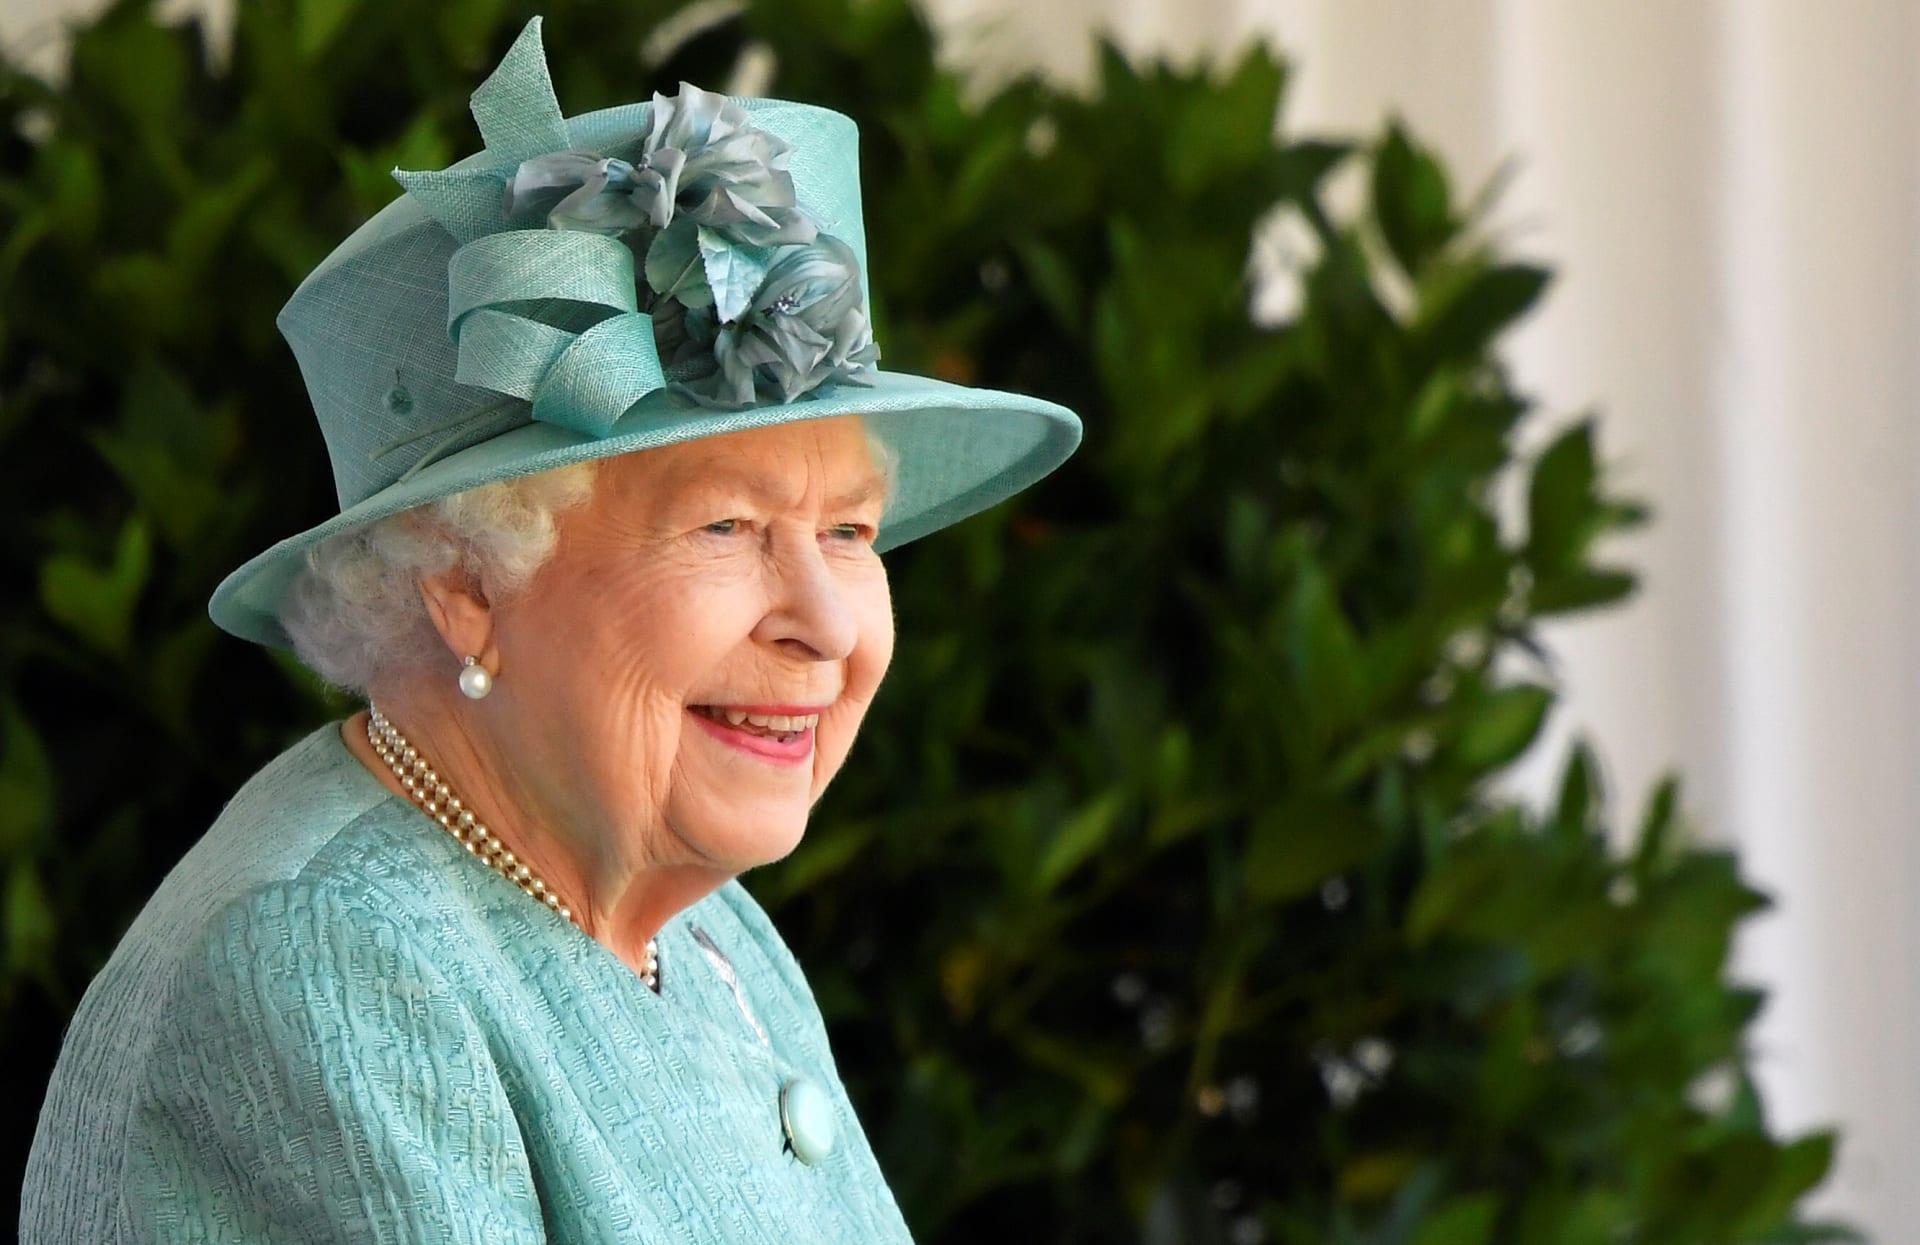 الملكة إليزابيث تشهد افتراضياً مراسم إزاحة الستار عن لوحة جديدة لها